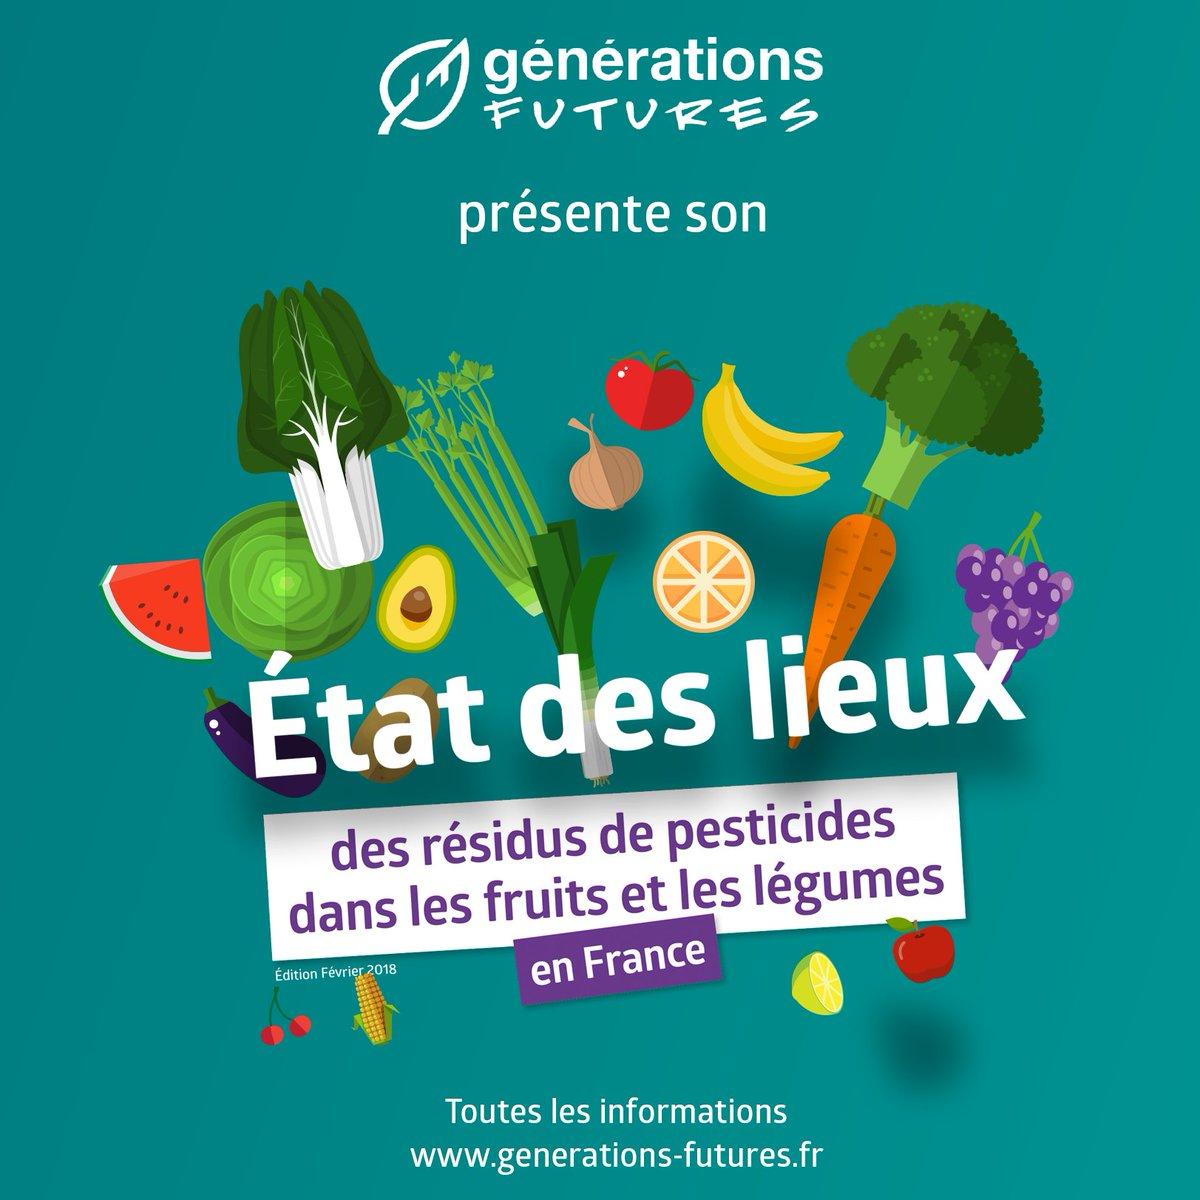 Aujourd'hui @genefutures rend publique un rapport inédit sur l'état des lieux de la présence des résidus de #pesticides dans les #fruit&légumes  ven#nonbiodus en France. #Edition1